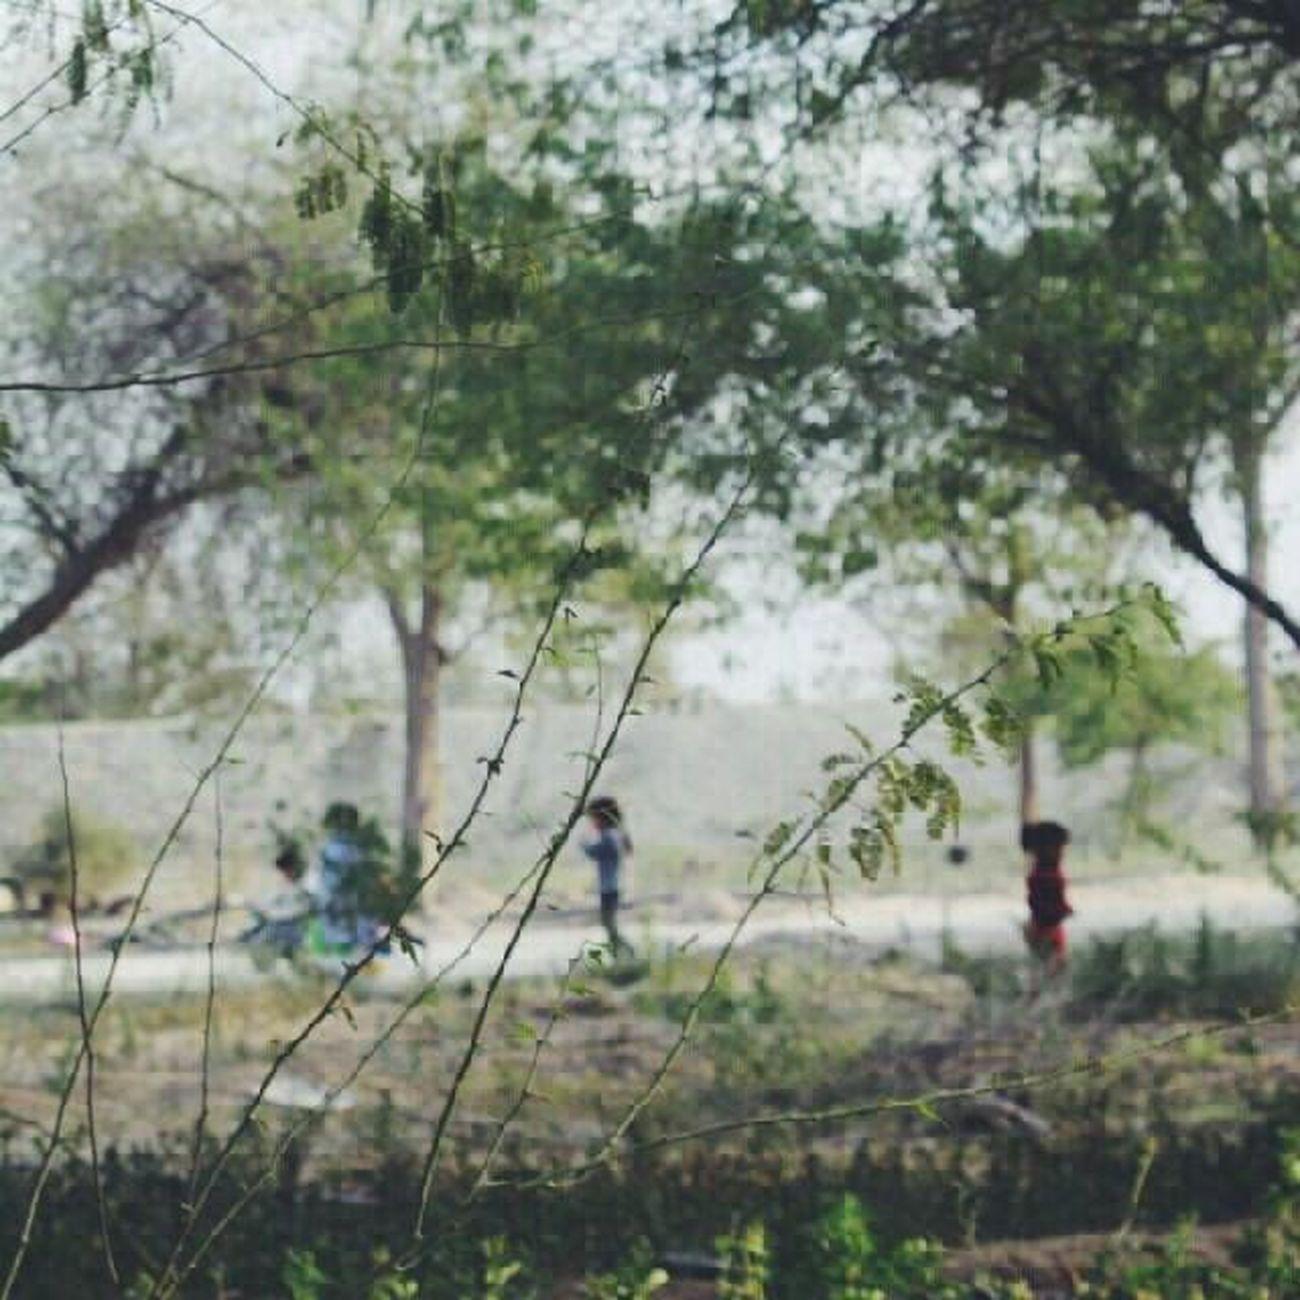 اصدق مشاعر بالحياه هي مشاعر الاطفال يعيشون بكل برائه ♡ تصويري  حجز_الرمال كانون اطفالنا